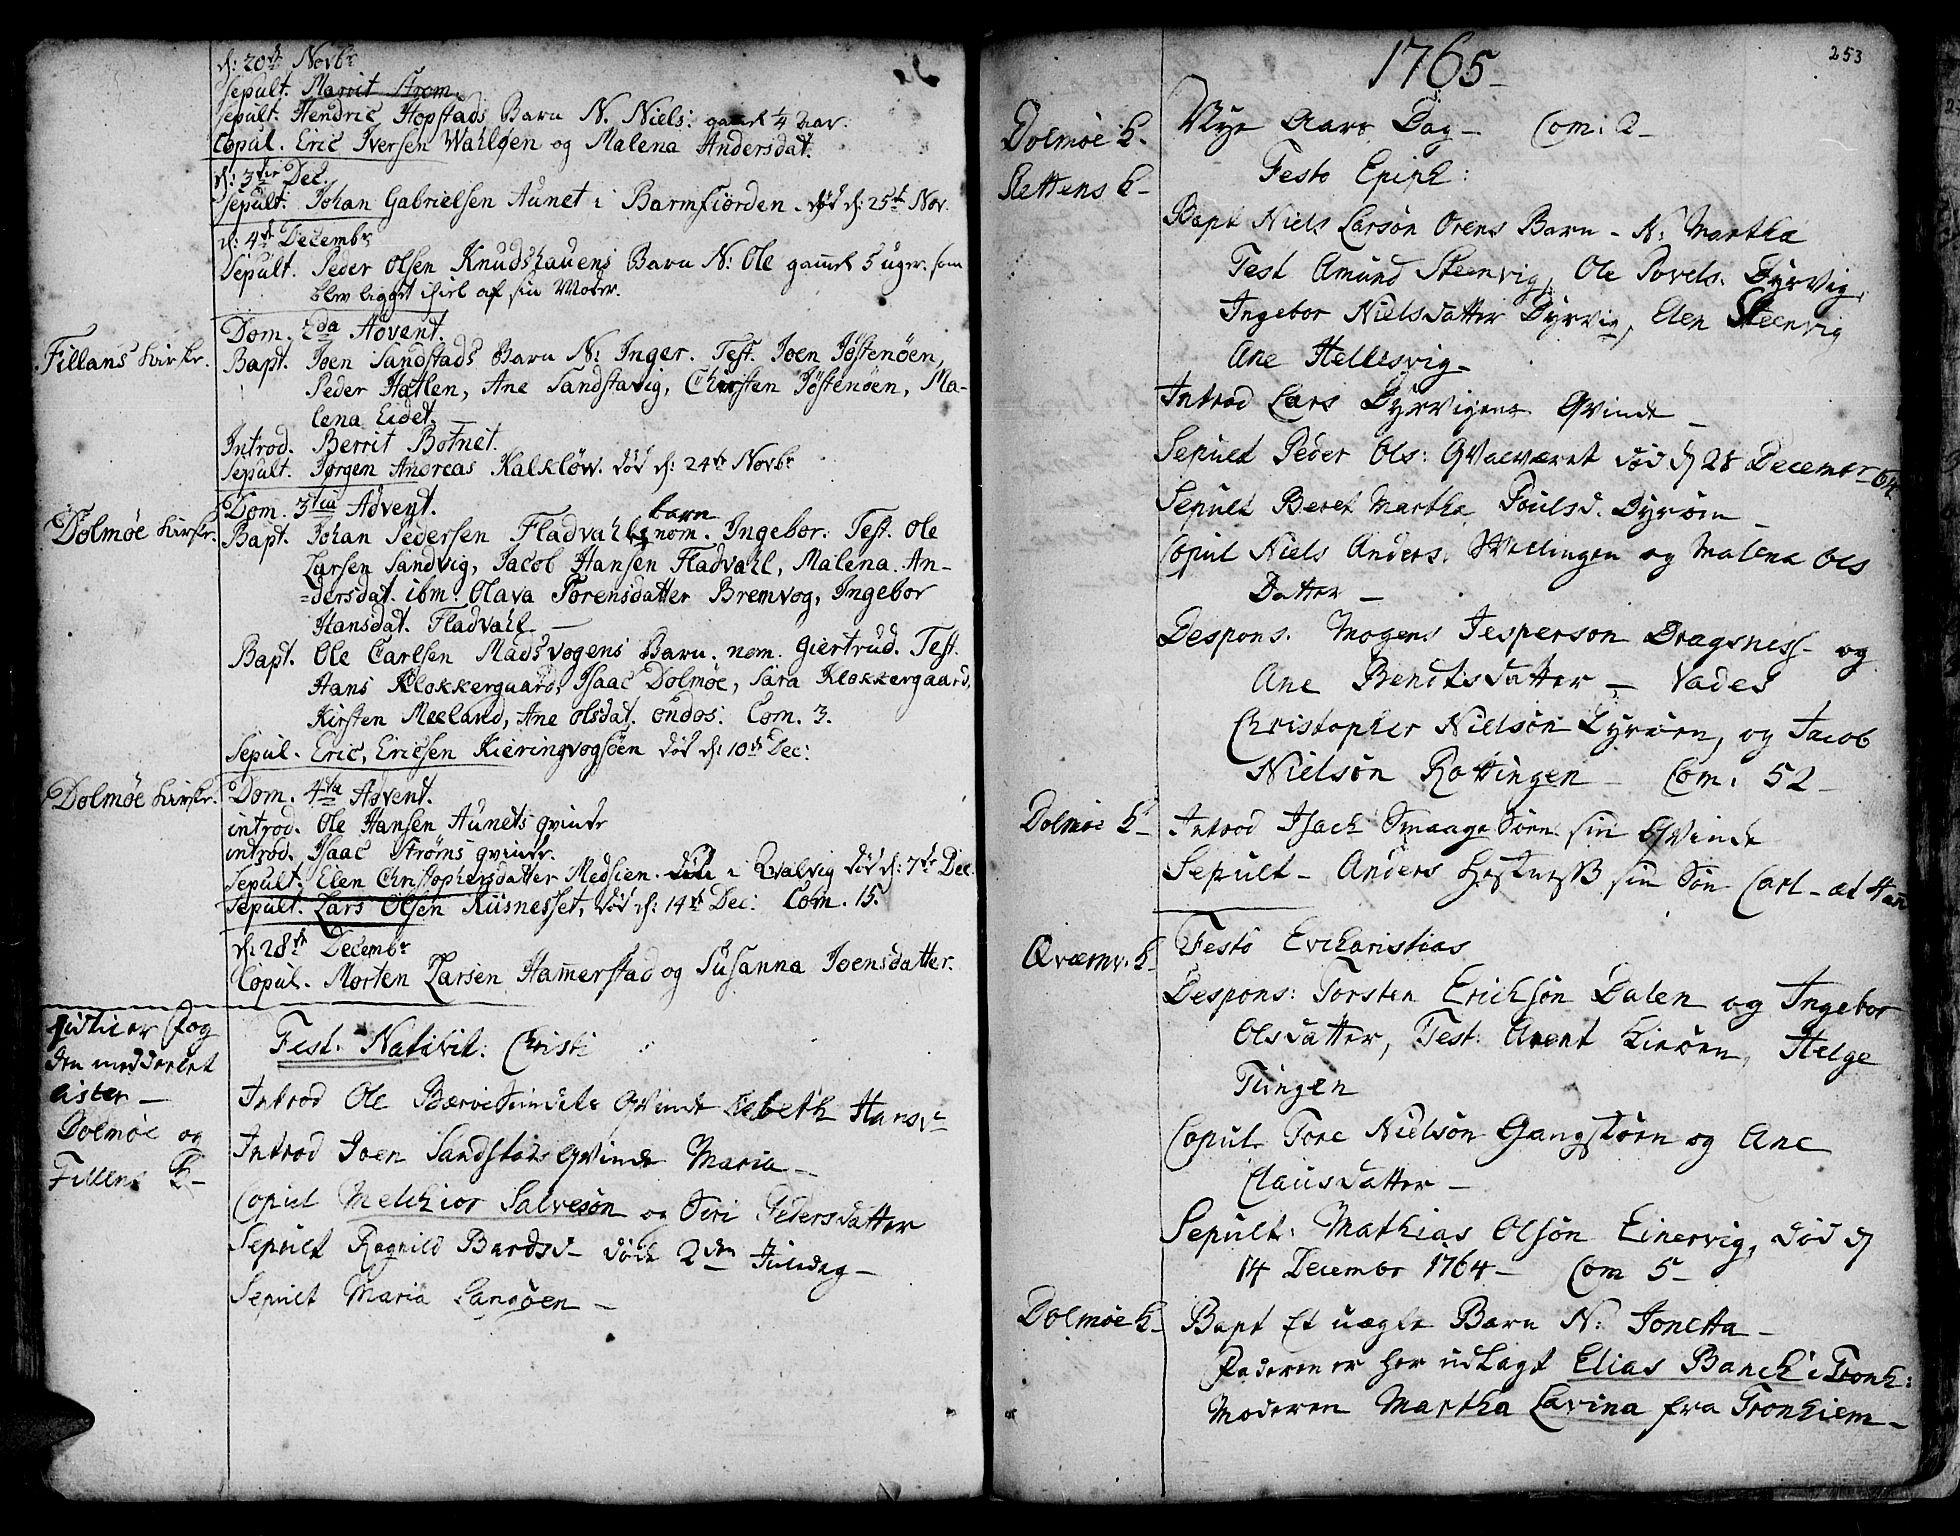 SAT, Ministerialprotokoller, klokkerbøker og fødselsregistre - Sør-Trøndelag, 634/L0525: Ministerialbok nr. 634A01, 1736-1775, s. 253